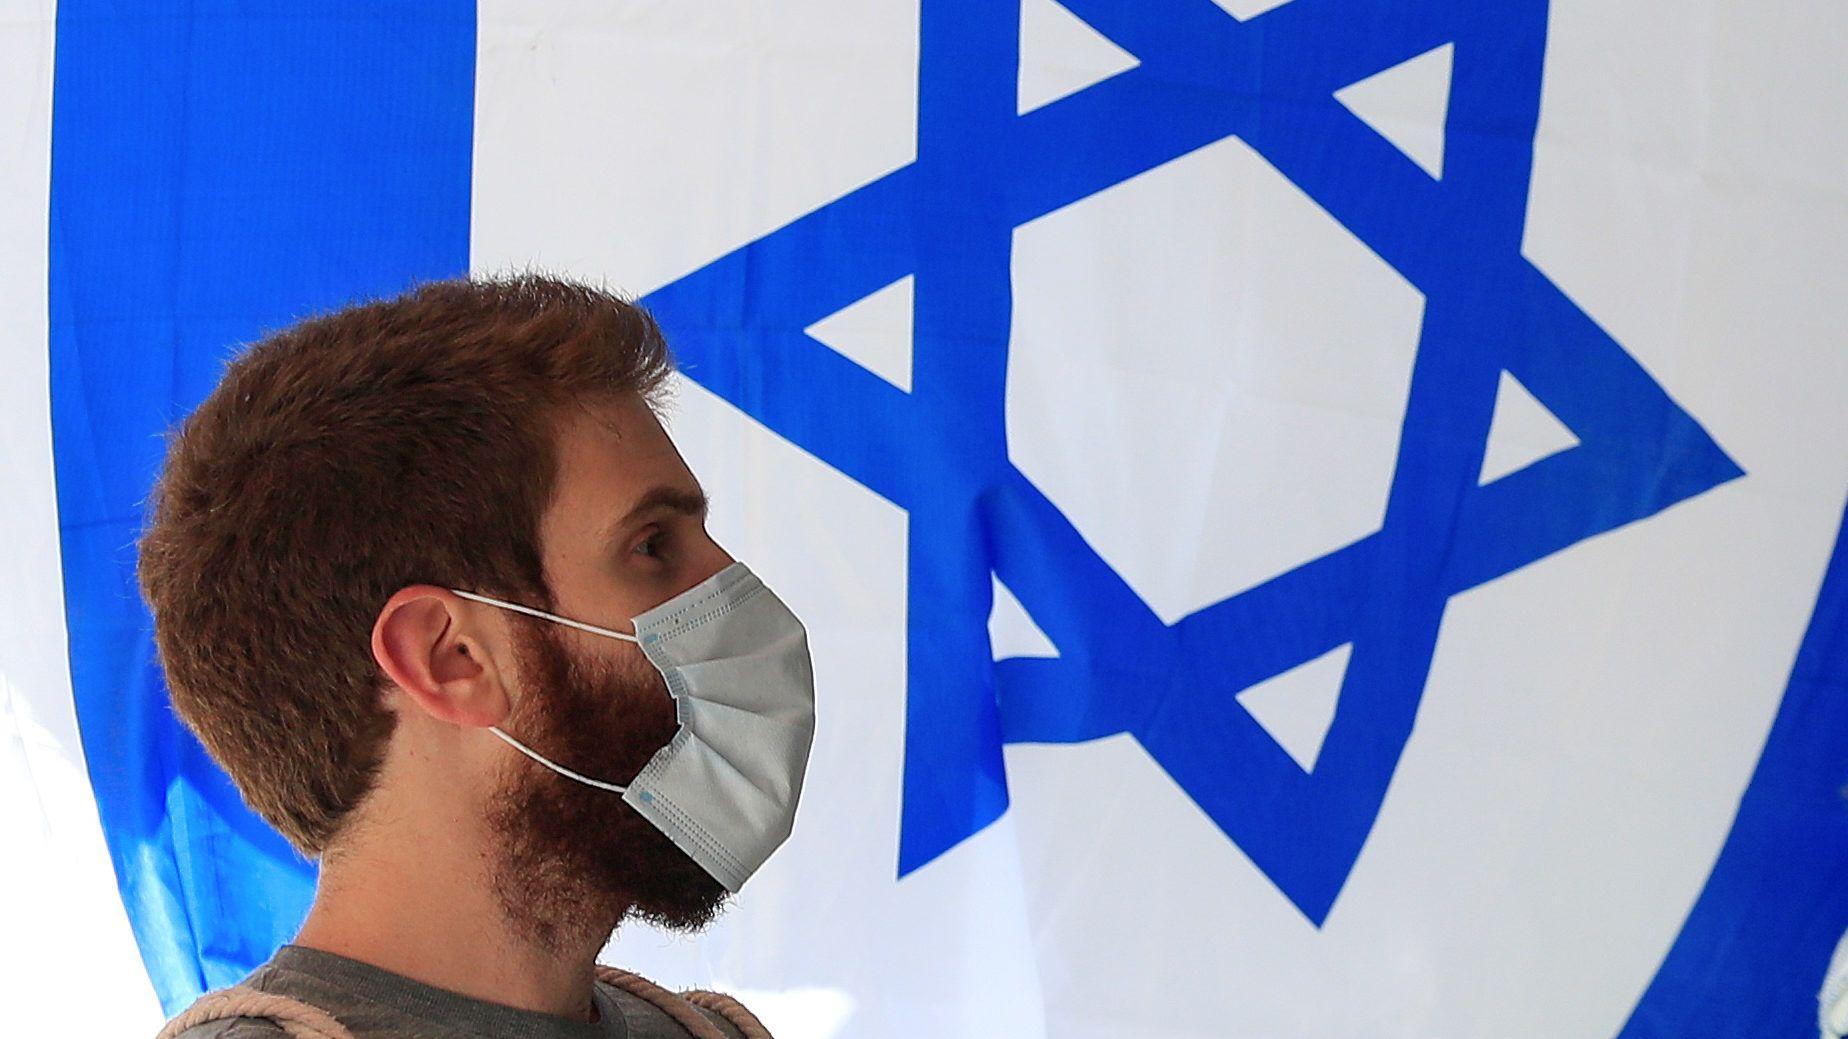 pikkelysömör kezelése Izraelben az orrán és a pelyheken piros folt található